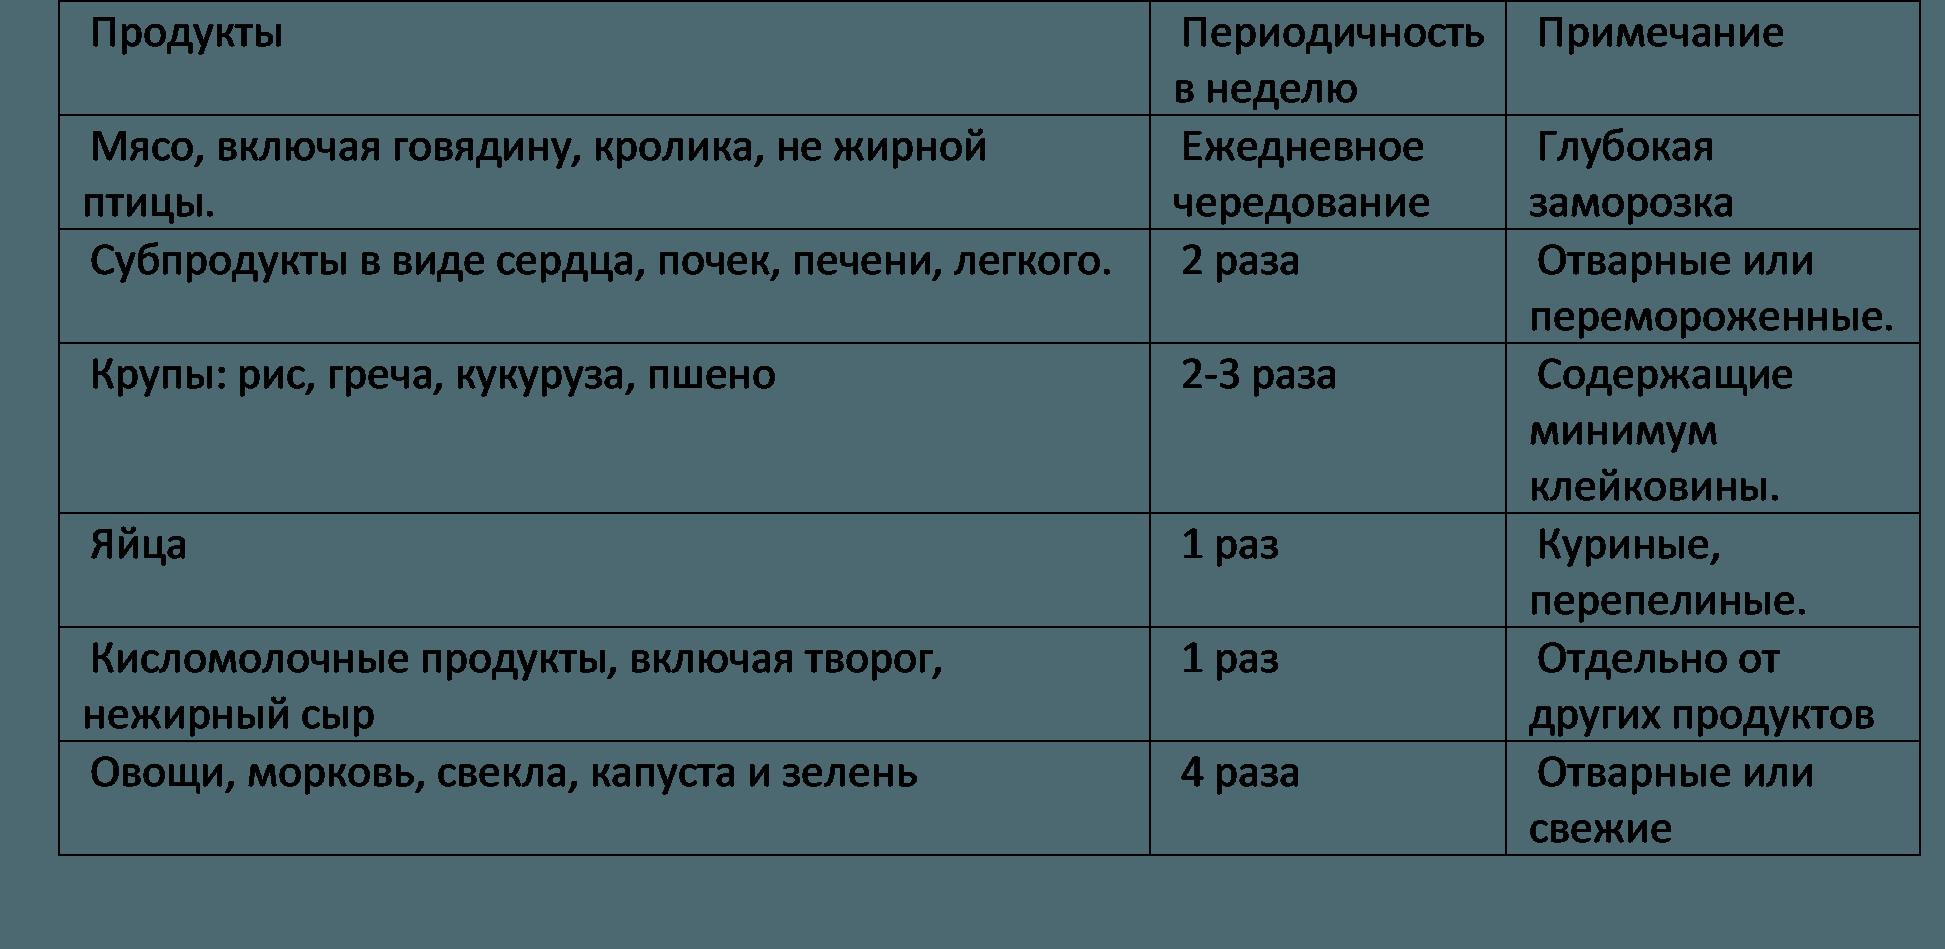 Гипоаллергенная Диета Для Сфинкса.